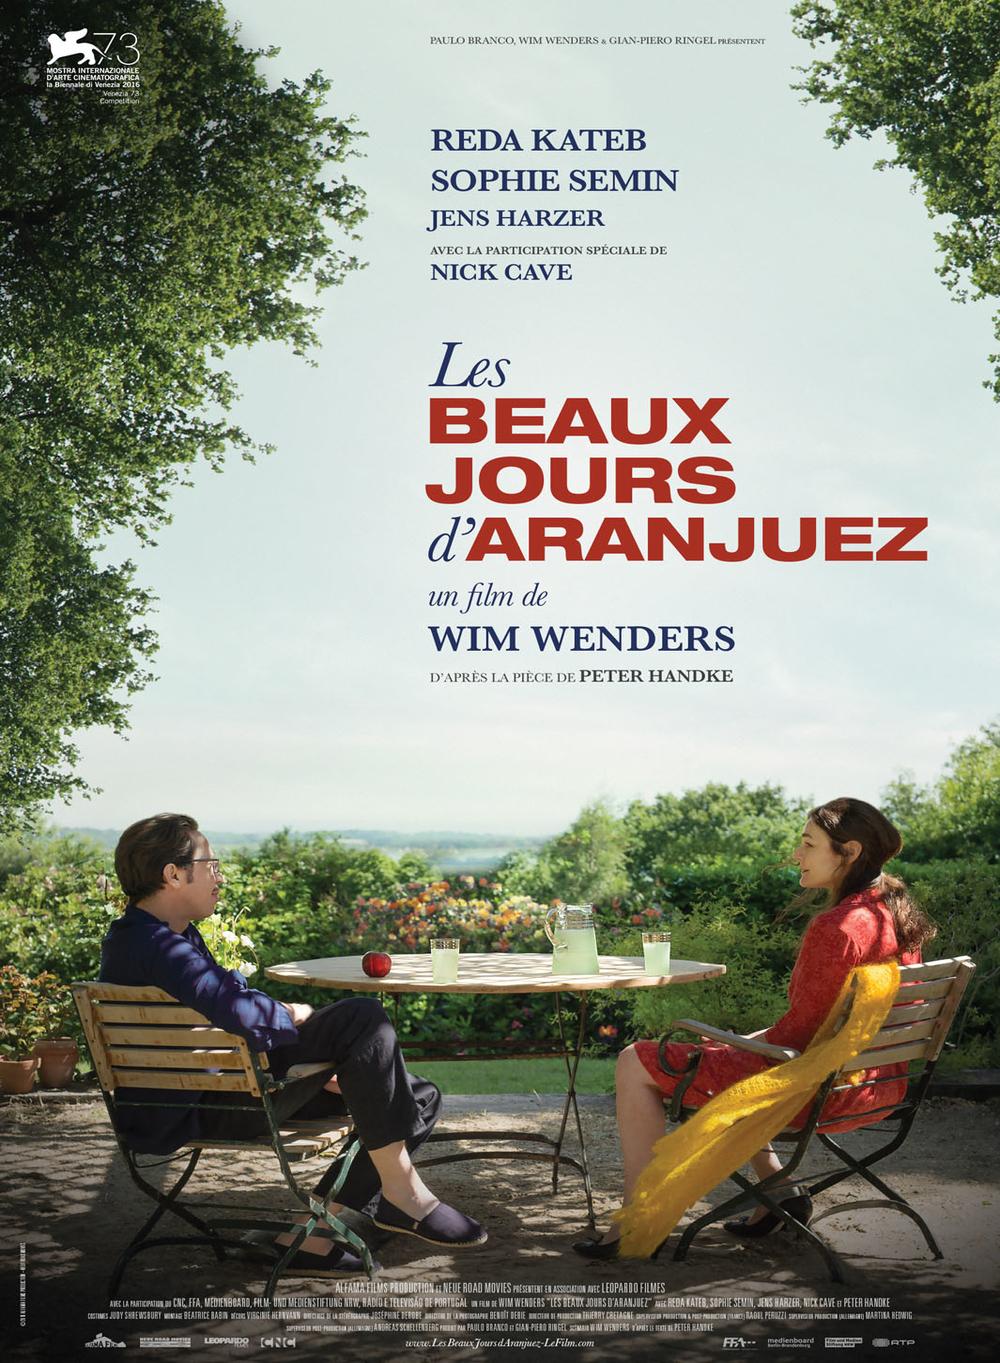 Les_Beaux_Jours_d_Aranjuez